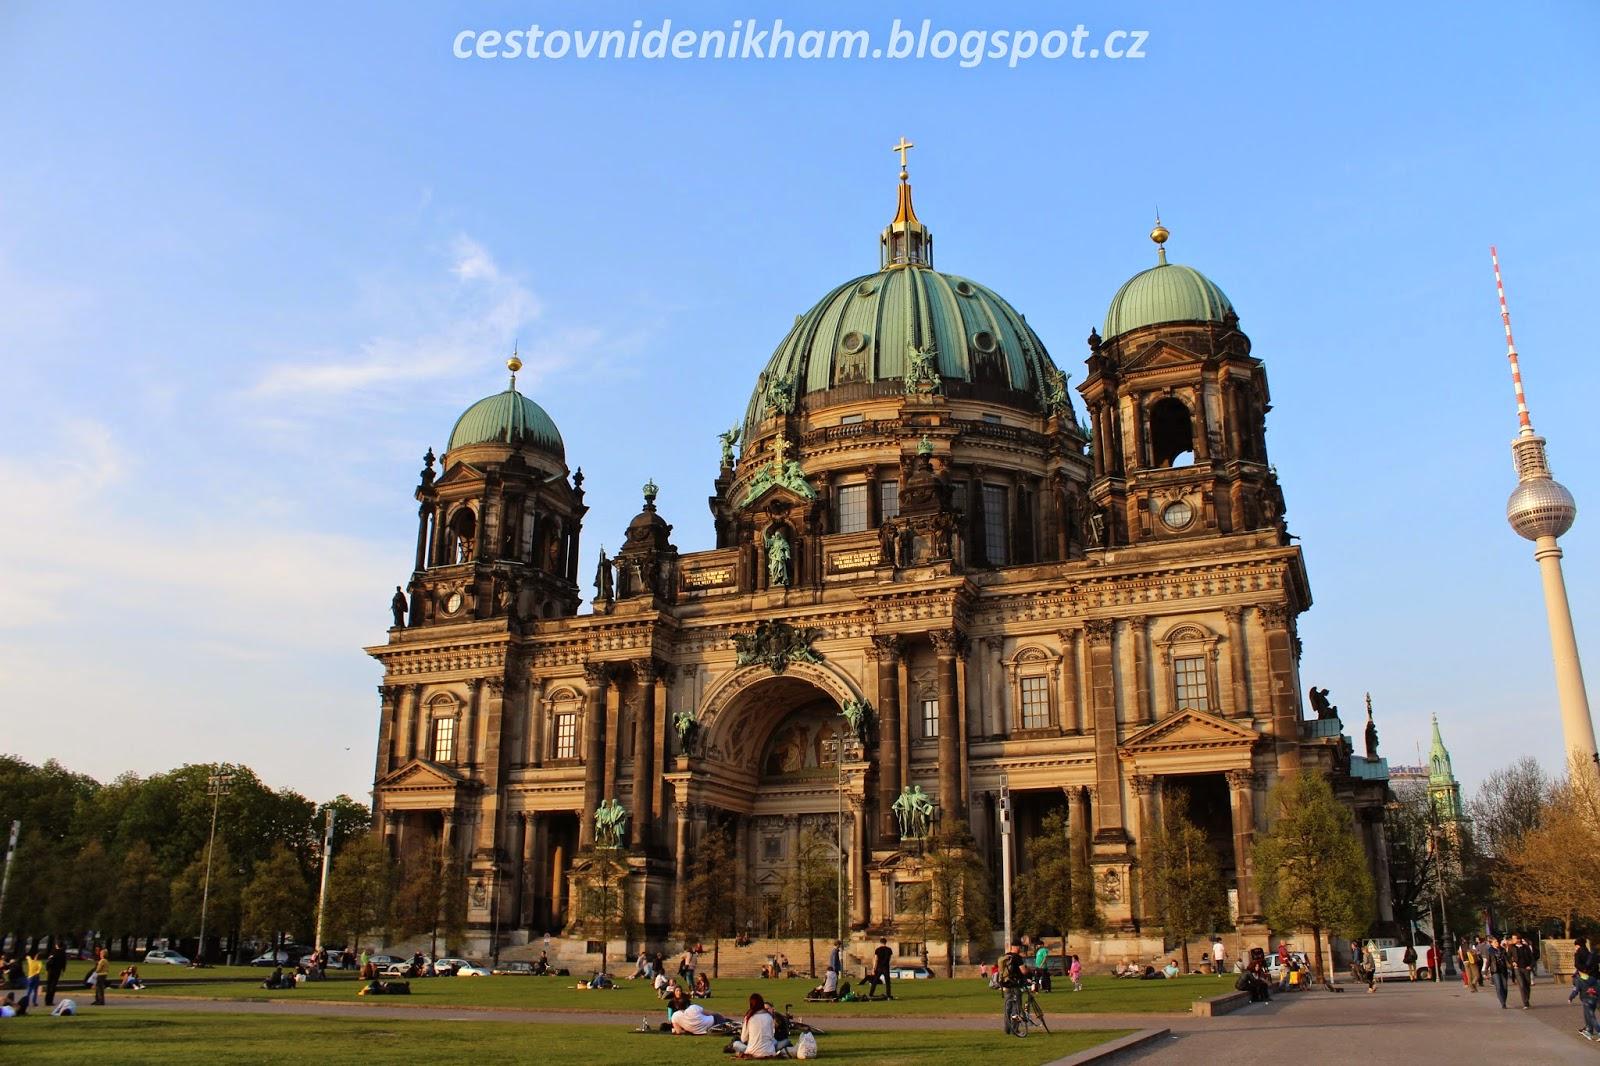 Berlínská katedrála // Berlin cathedral